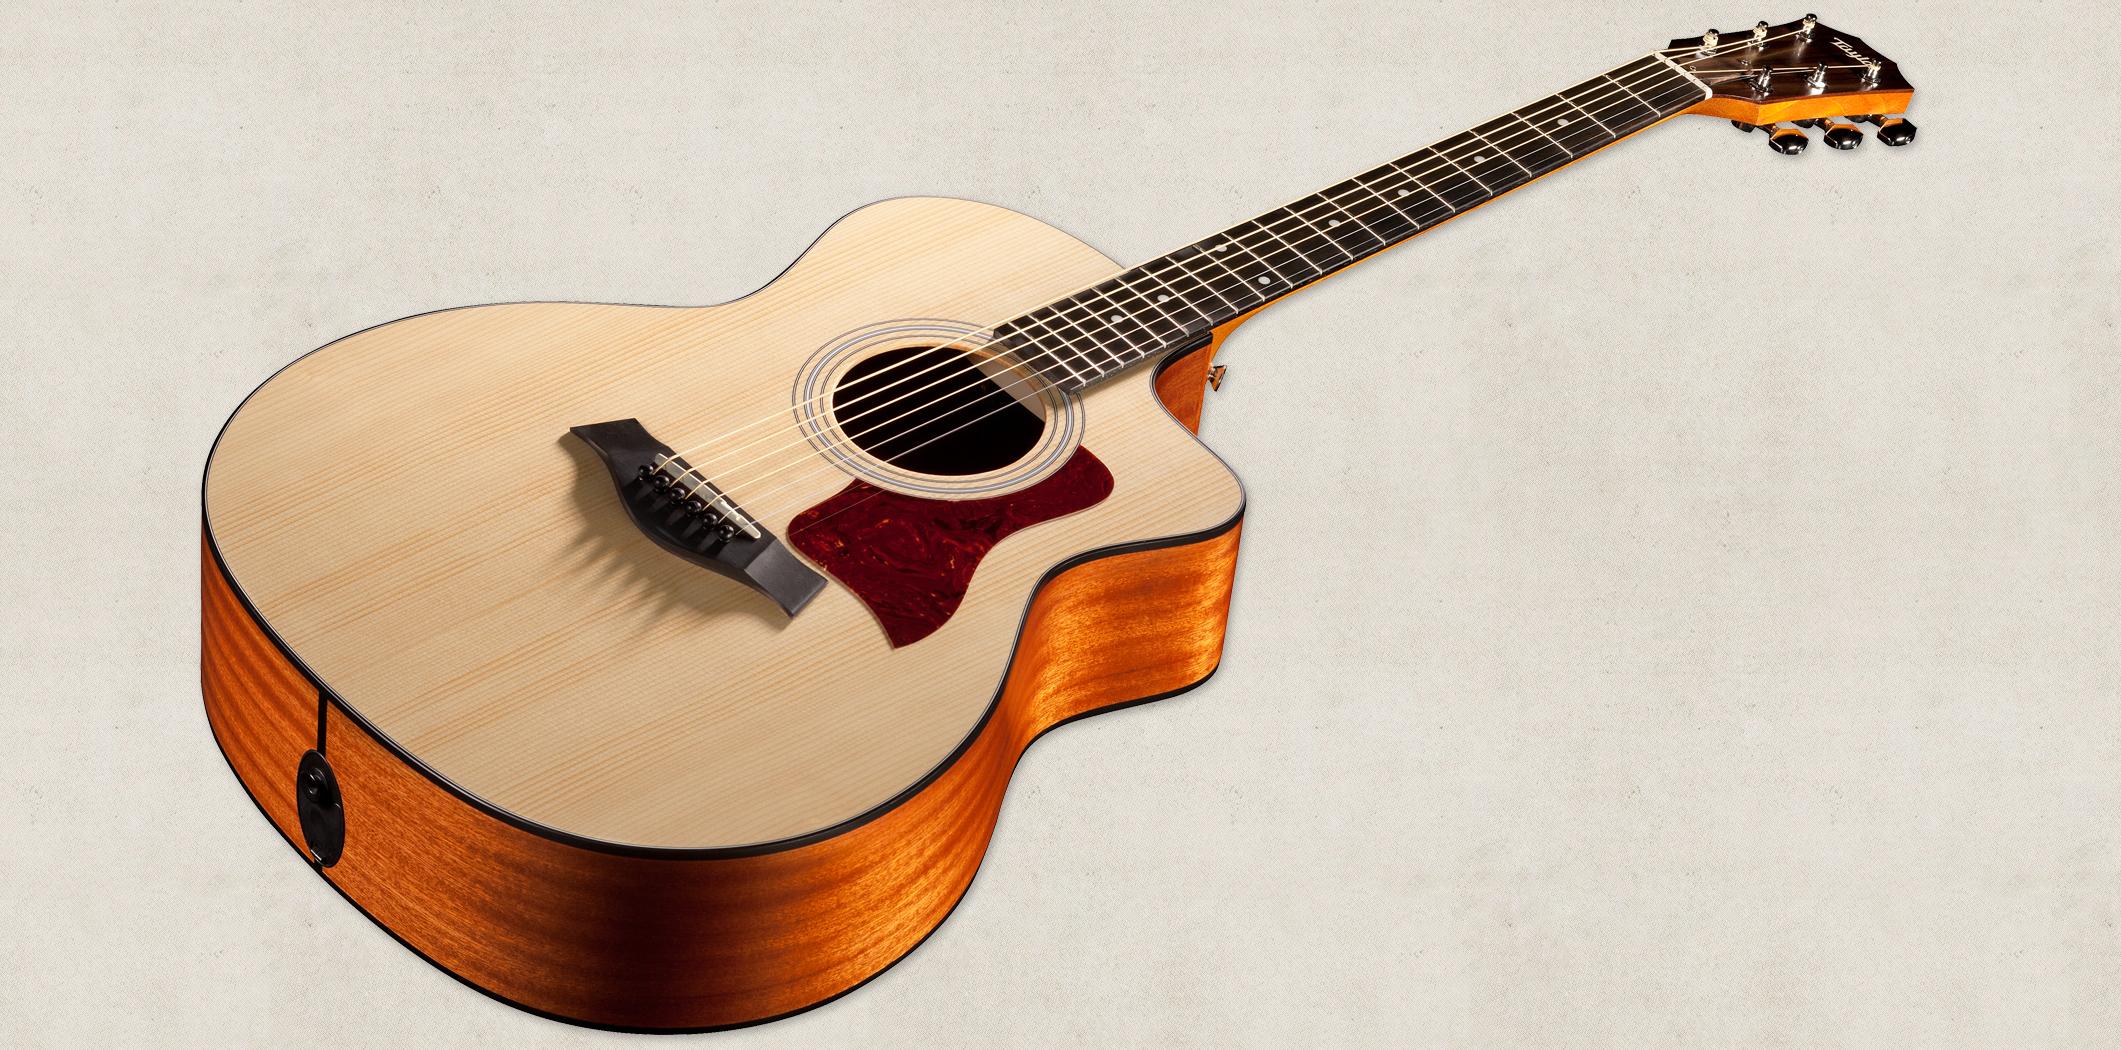 Những lưu ý khi chọn đàn guitar cũ